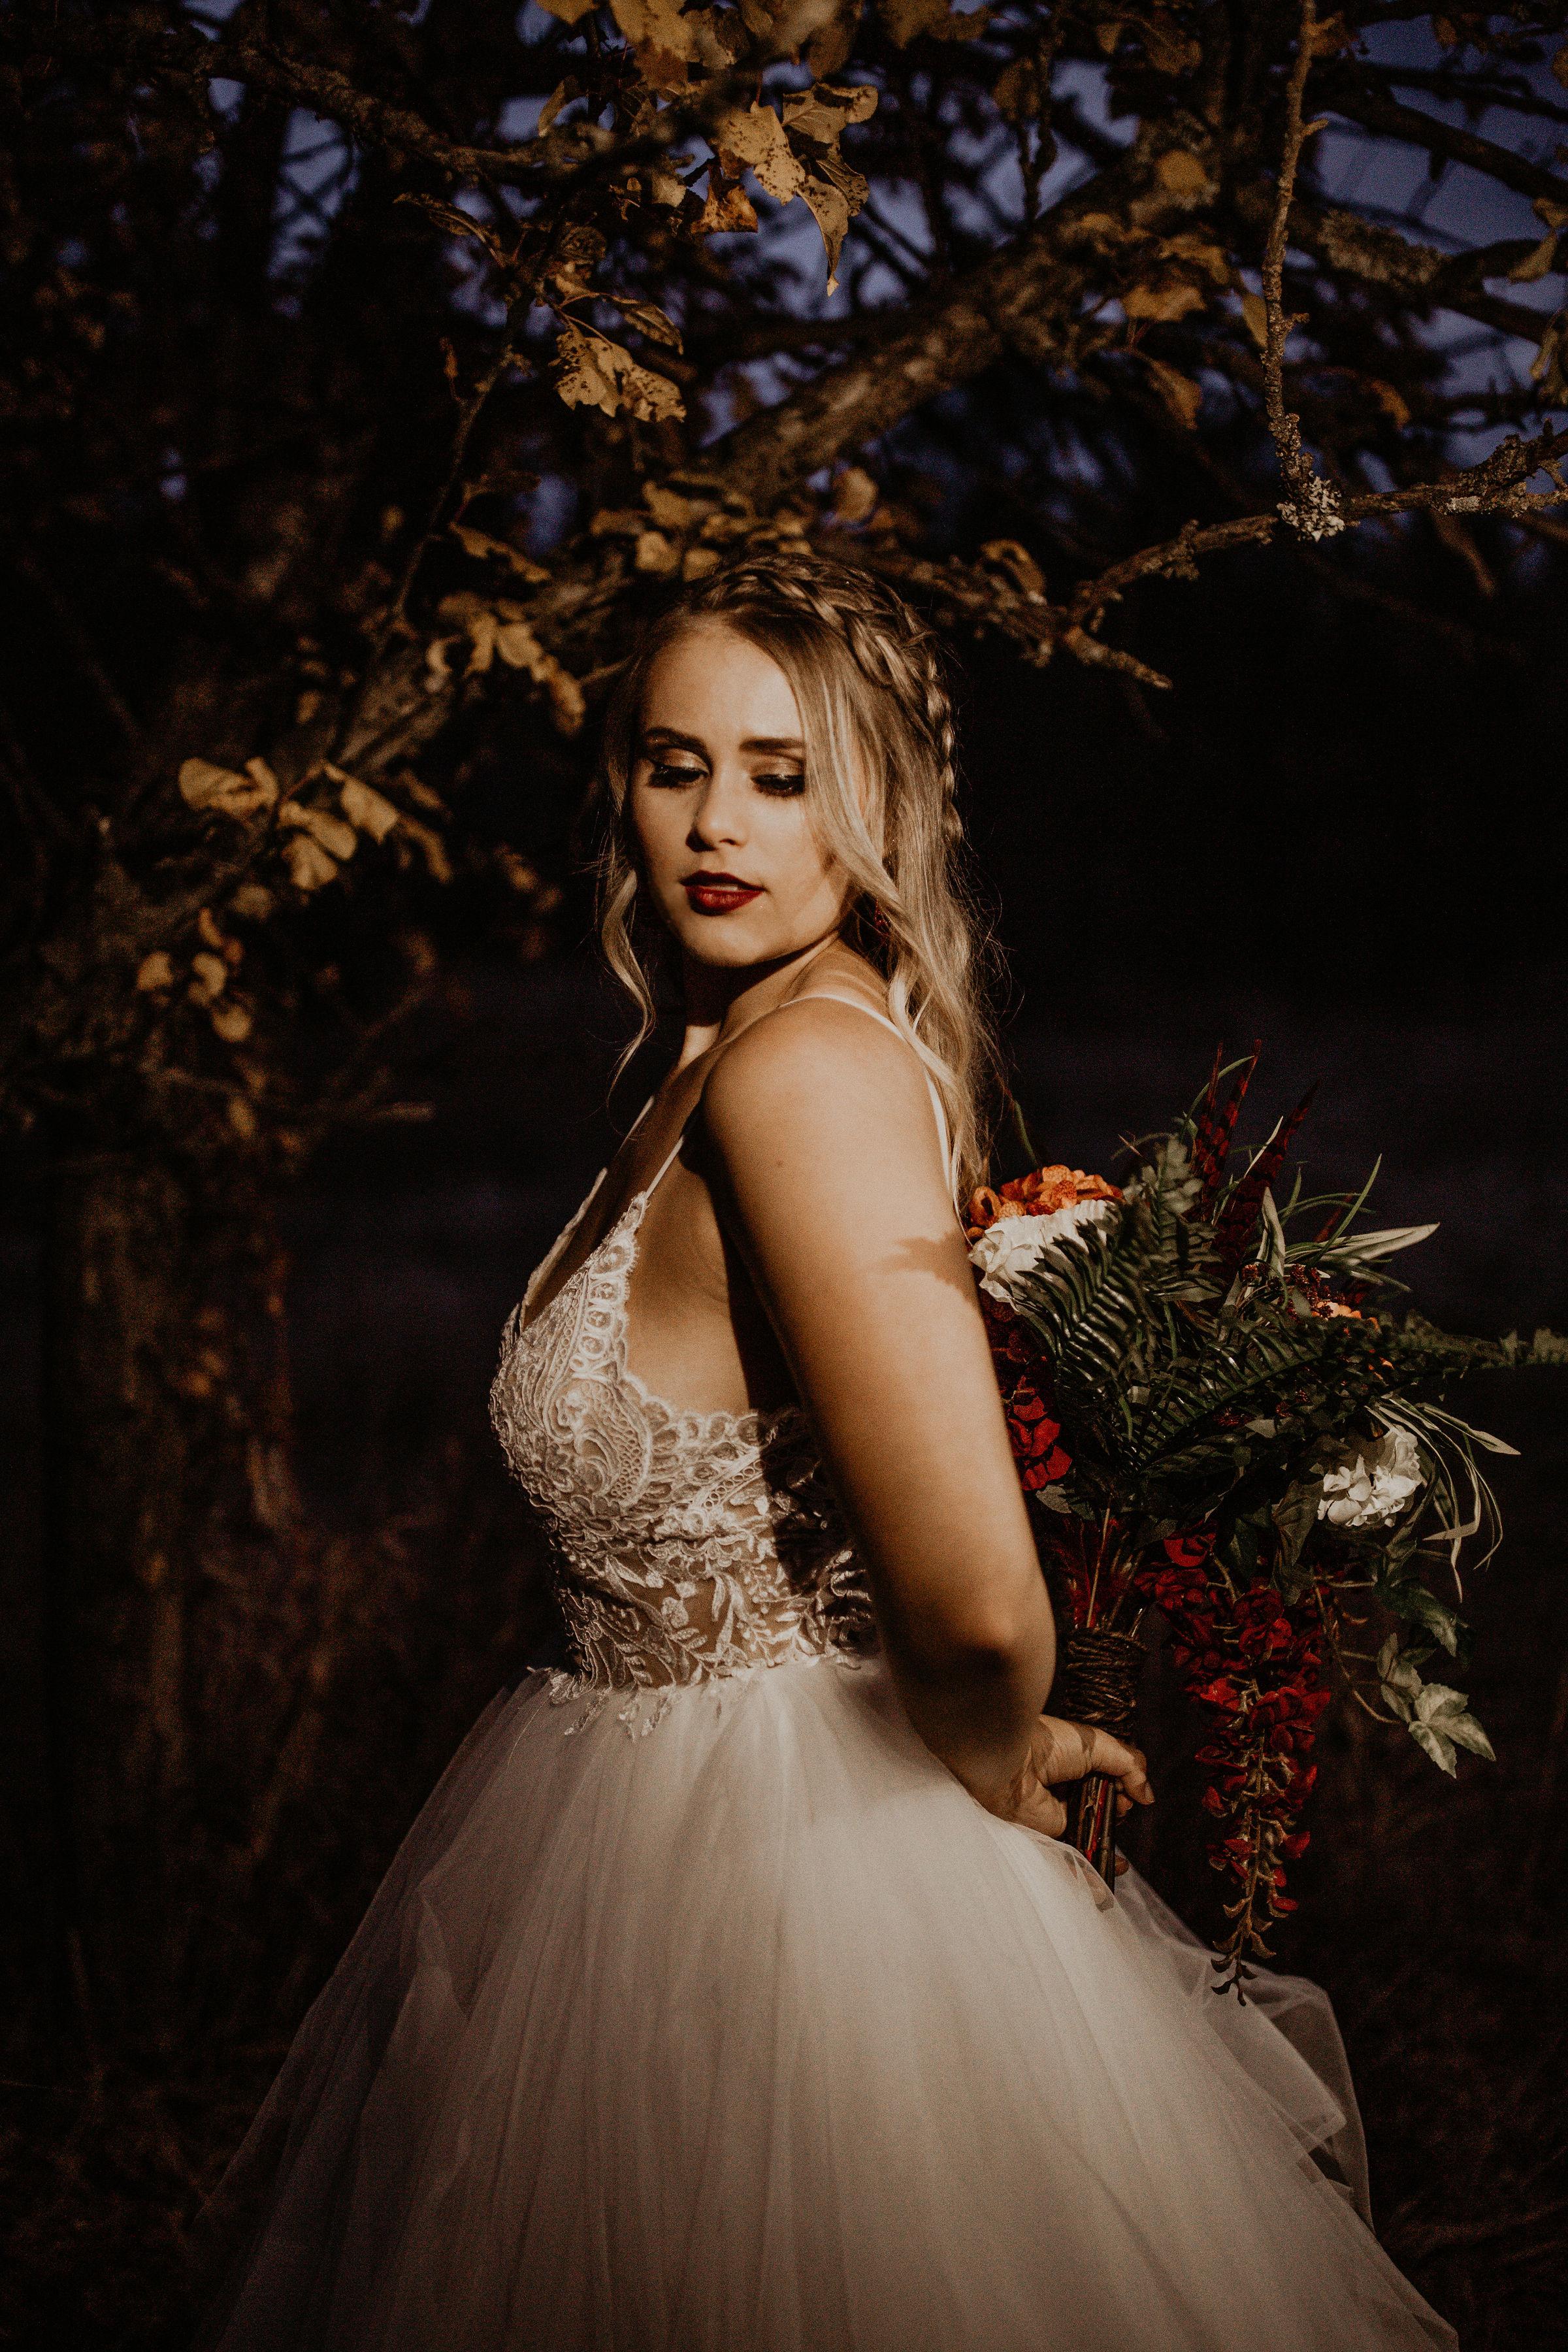 dark bridal image spokane